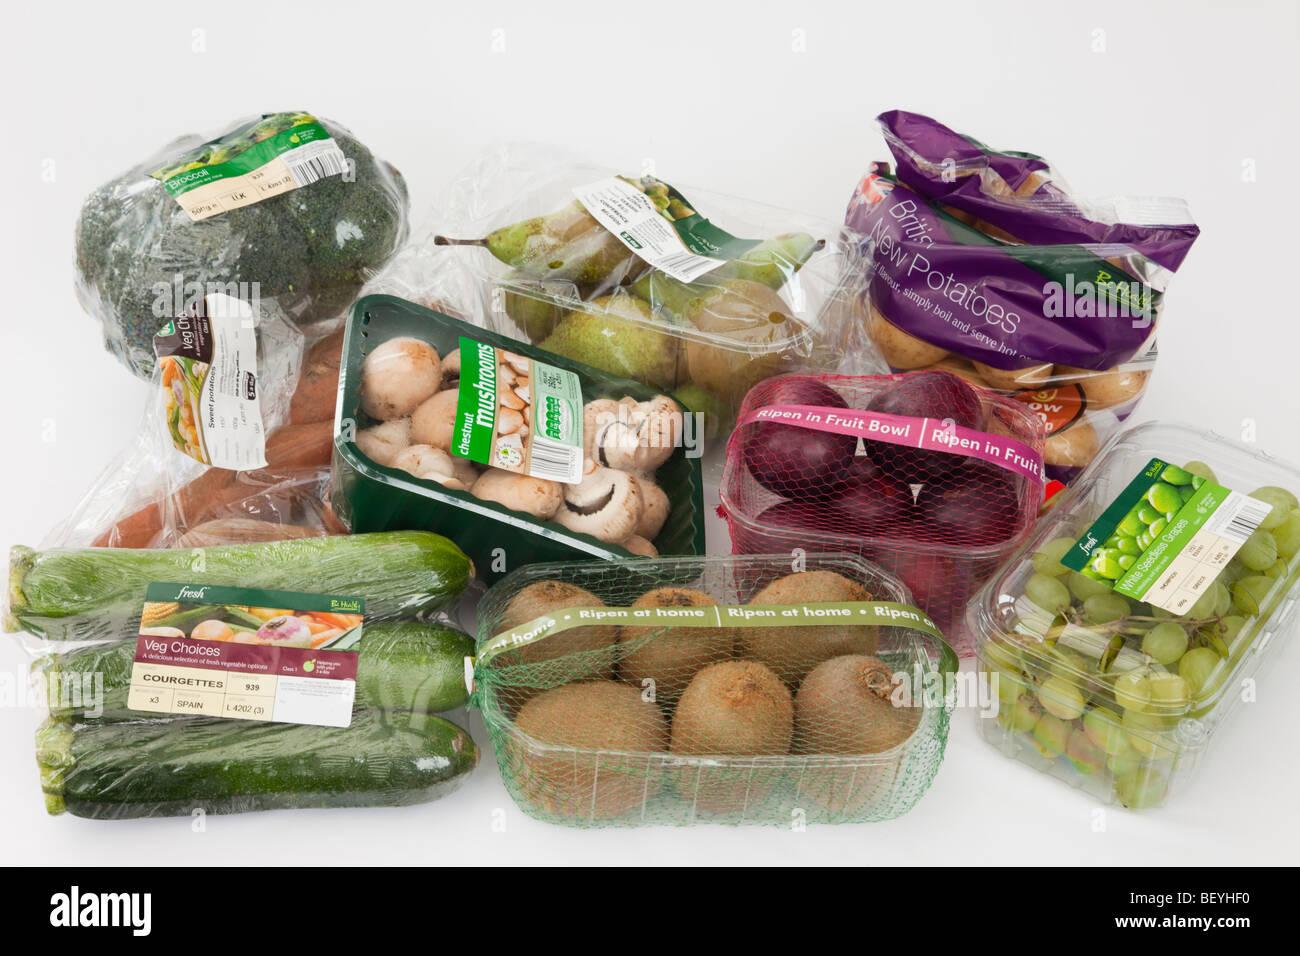 La Grande-Bretagne, Royaume-Uni, Europe. Sélection de fruits et légumes emballés dans des emballages Photo Stock